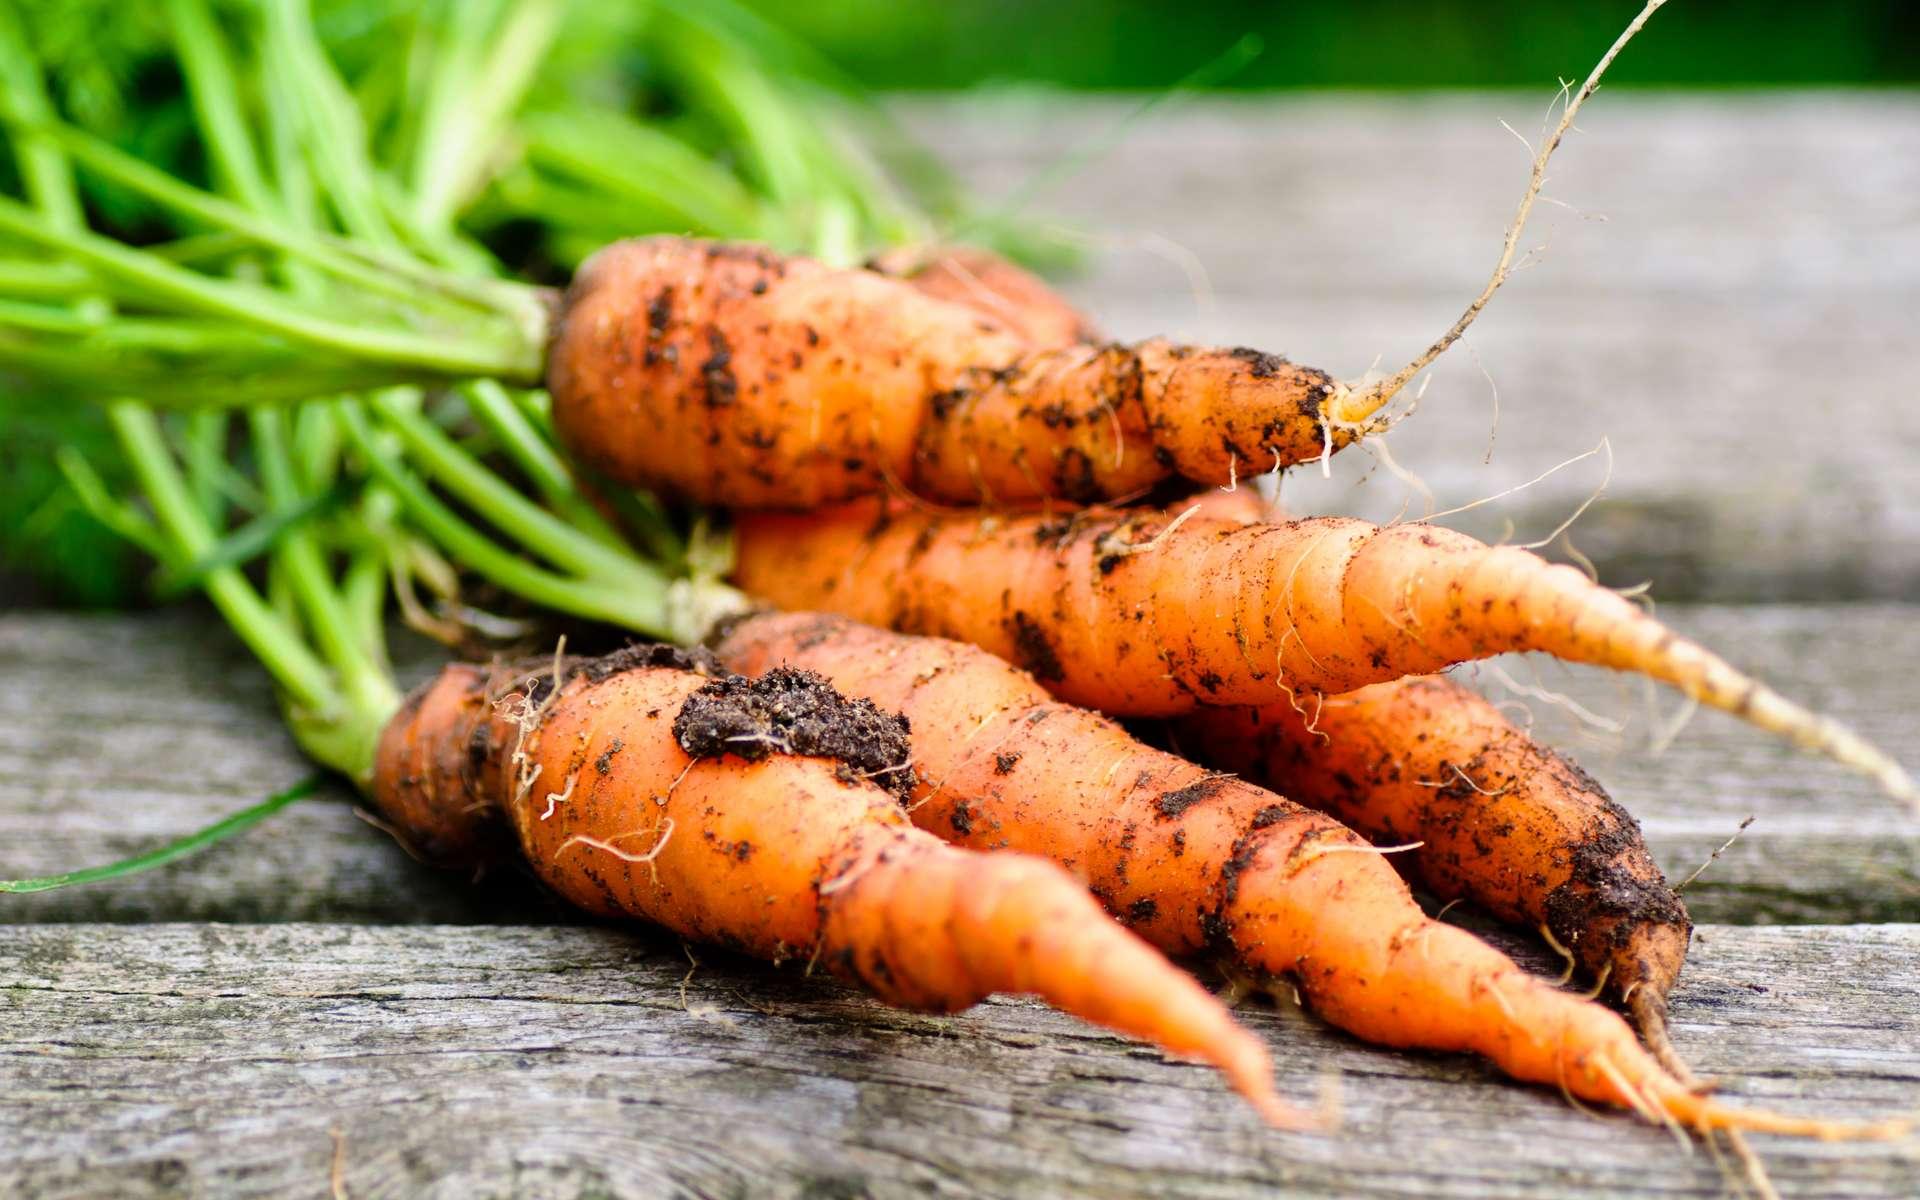 Échelonner les semis pour avoir des carottes toute l'année. © Visions-AD, Adobe Stock